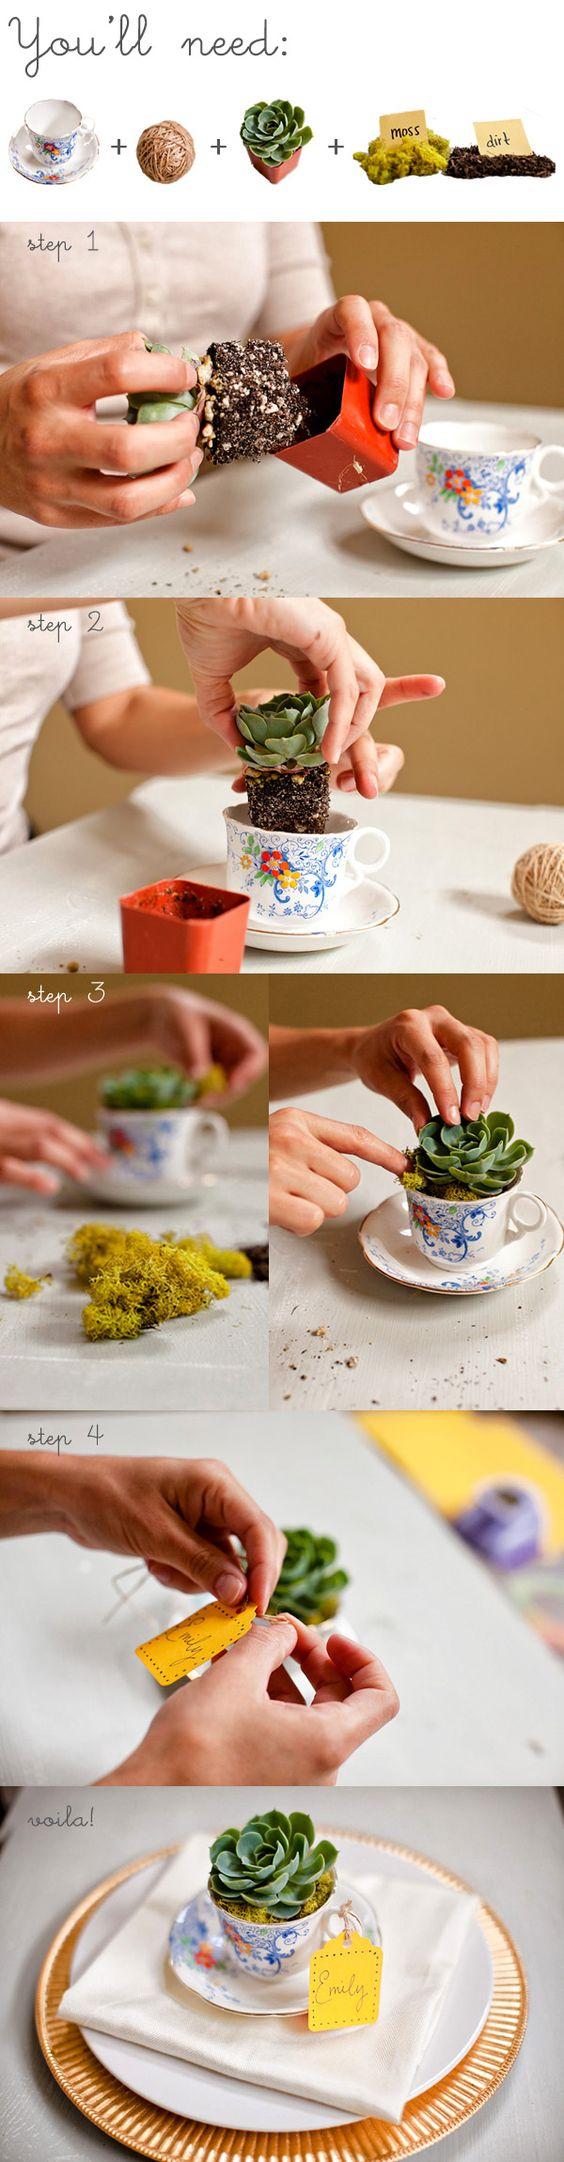 DIY Succulent Teacup Favors: